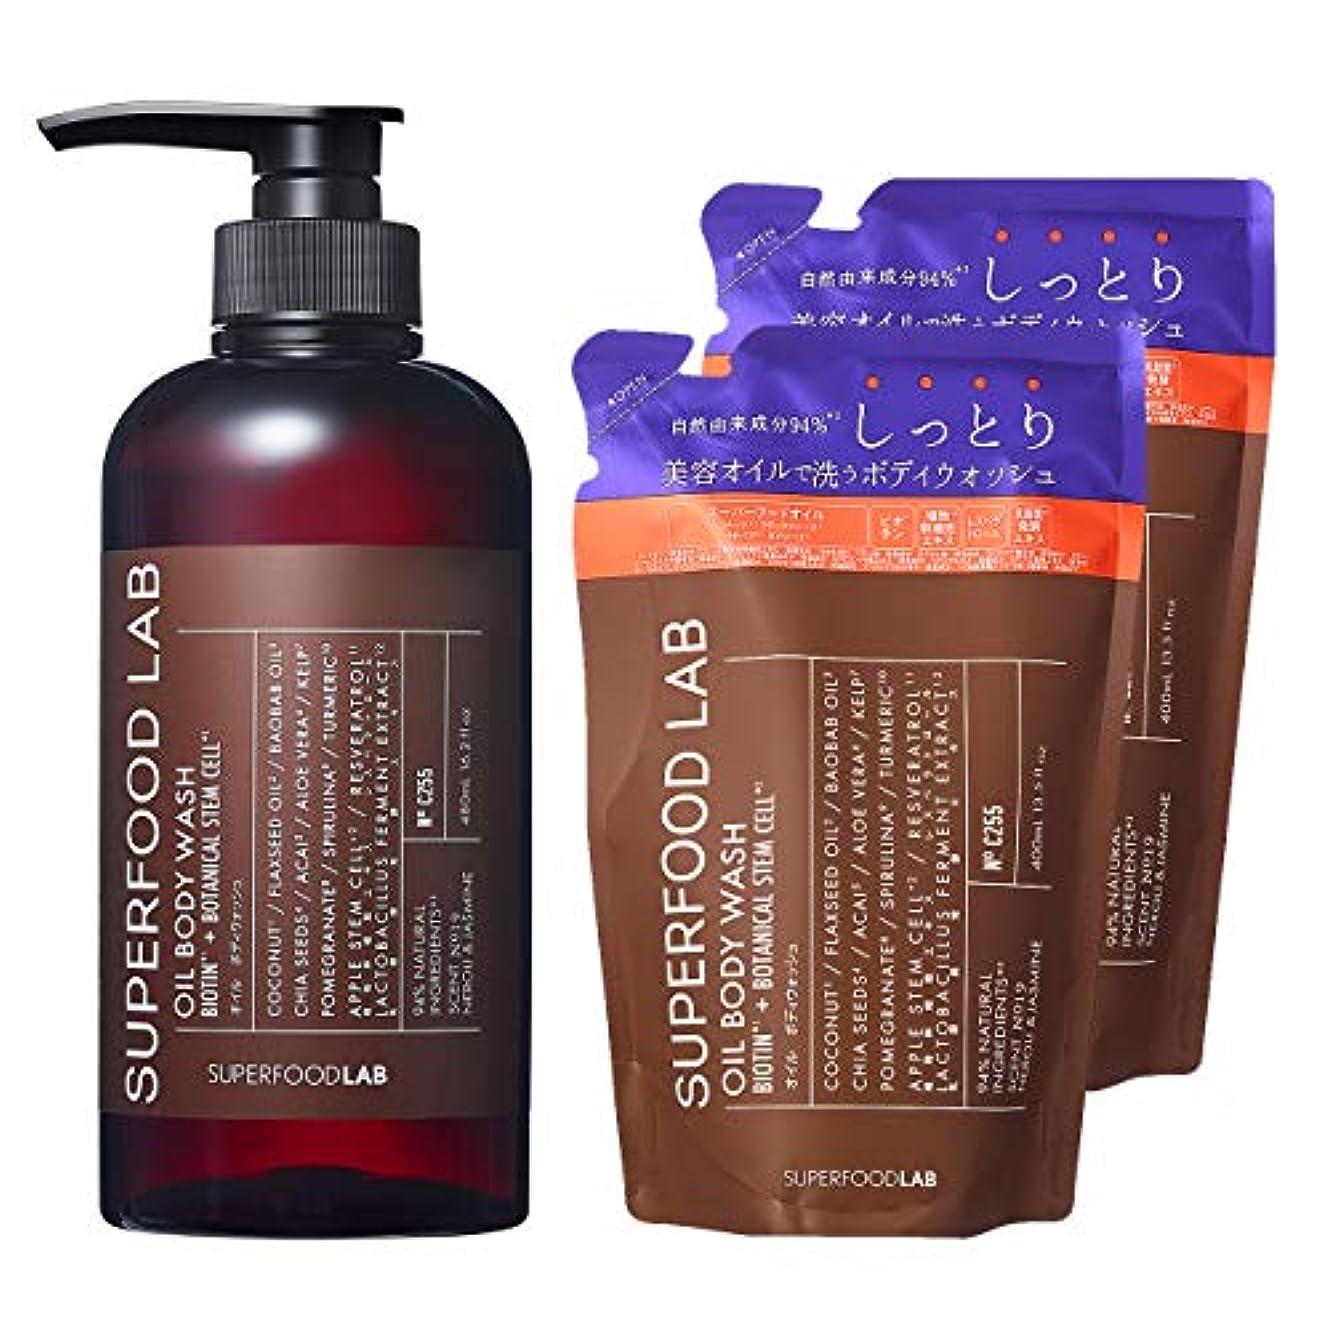 区別する何よりもラオス人SFL(スーパーフードラボ) 美容オイルで洗う【しっとり】ビオチン+オイル ボディウォッシュ 本体+リフィル2個セット